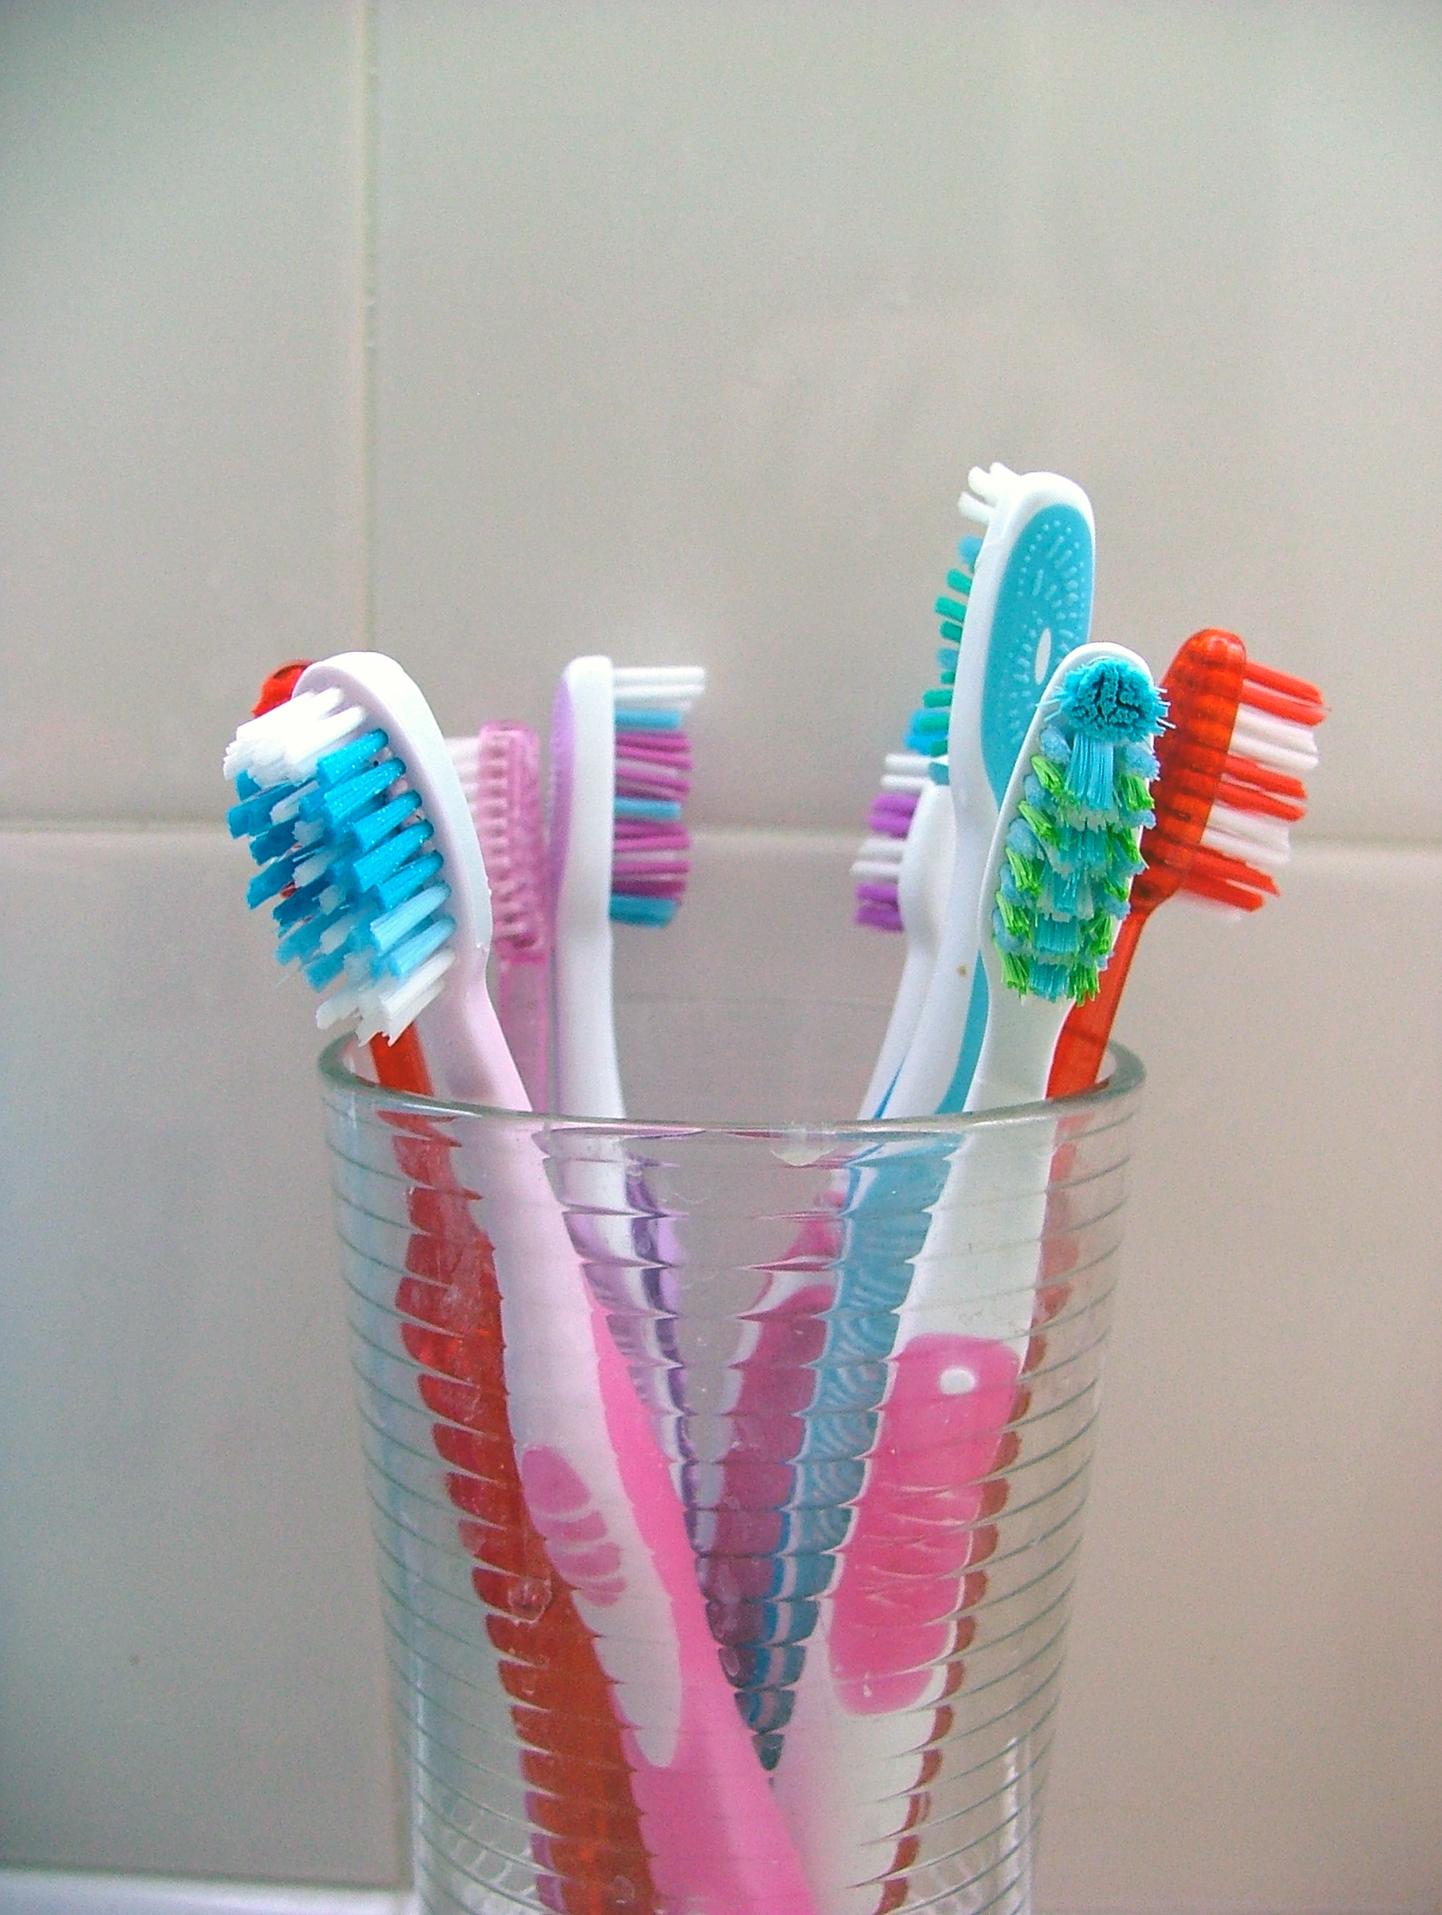 תמונה של מברשות שיניים רבות בכוס. אפשר להיות רגועים - יש סיכוי אפסי להדבקה על ידי שימוש במברשת שיניים משותפת